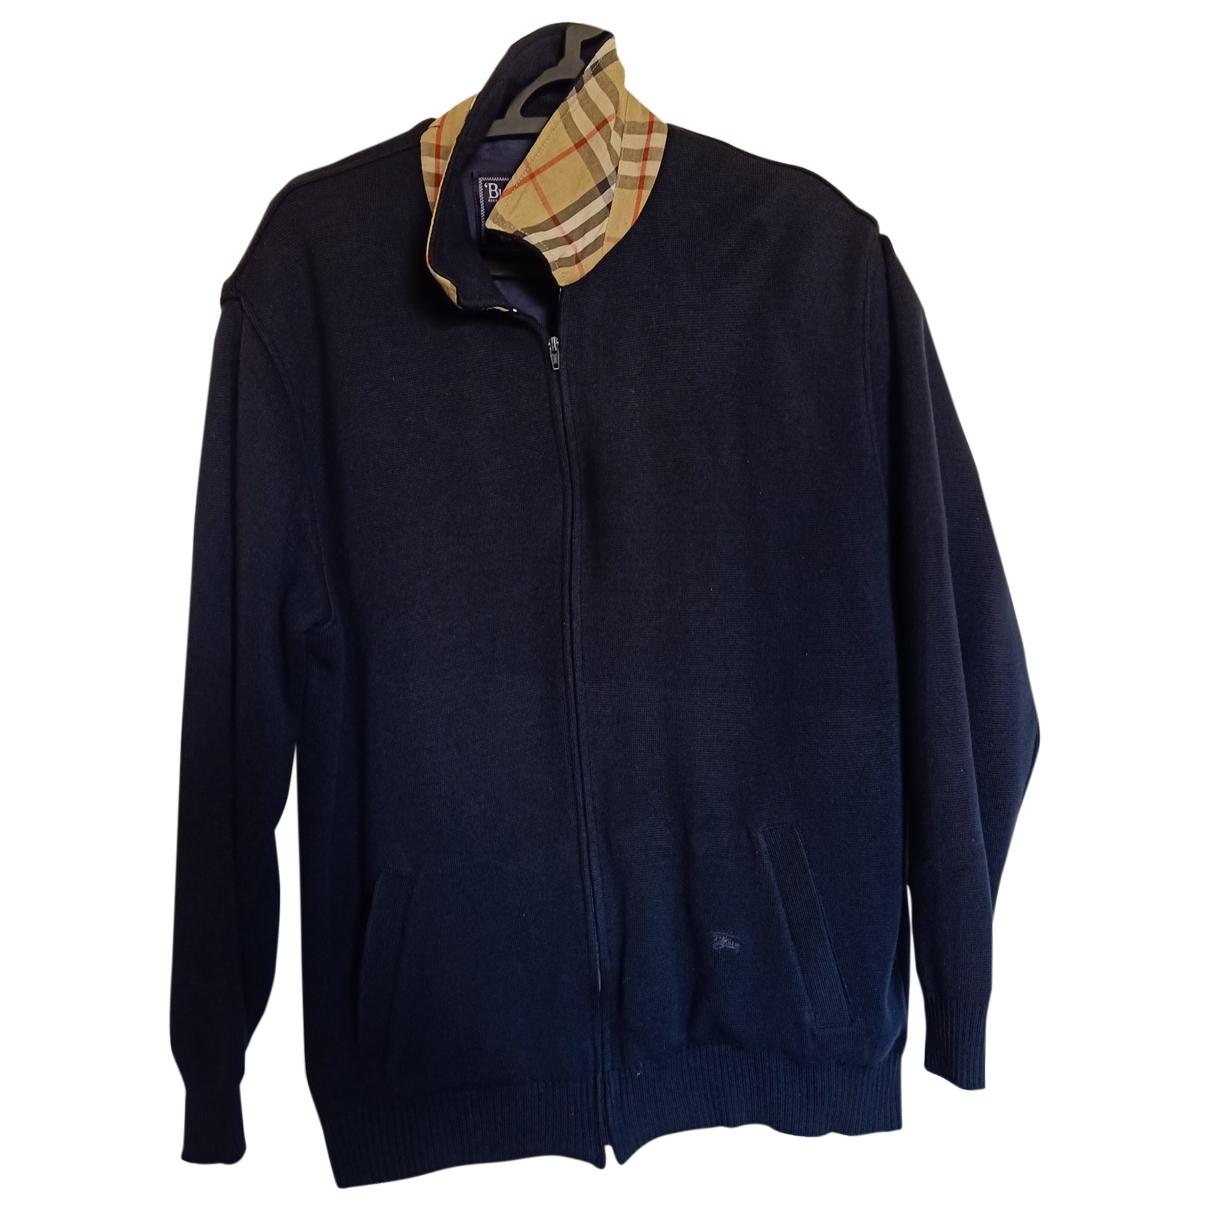 Burberry - Vestes.Blousons   pour homme en laine - bleu